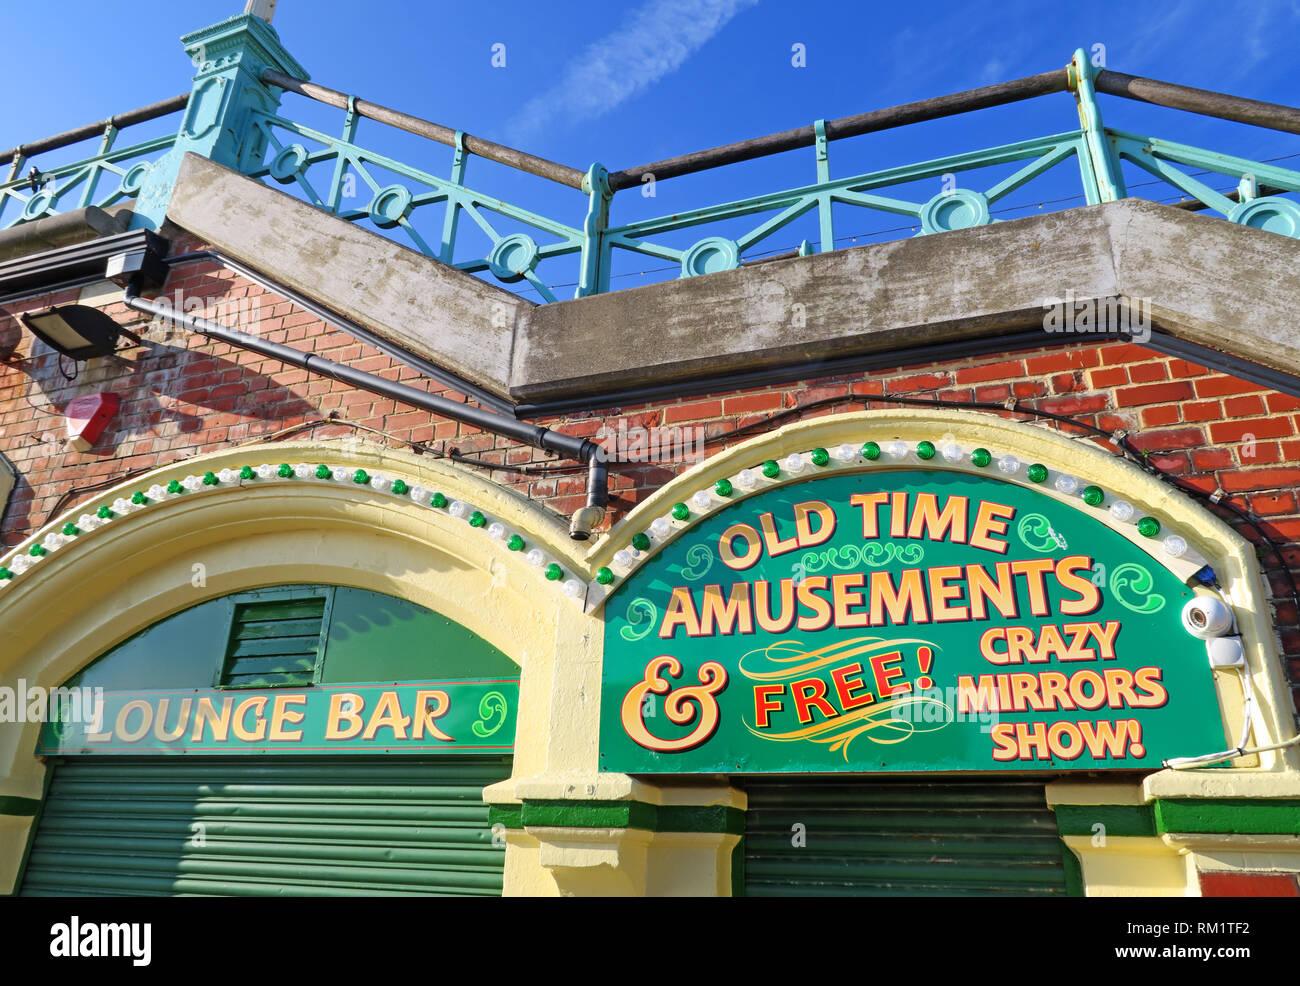 Laden Sie dieses Alamy Stockfoto Lounge Bar, alte Zeit für Vergnügungen, kostenloses Crazy Spiegel zeigen, Kings Road Arches, direkt am Strand, Brighton, East Sussex, England, Großbritannien - RM1TF2